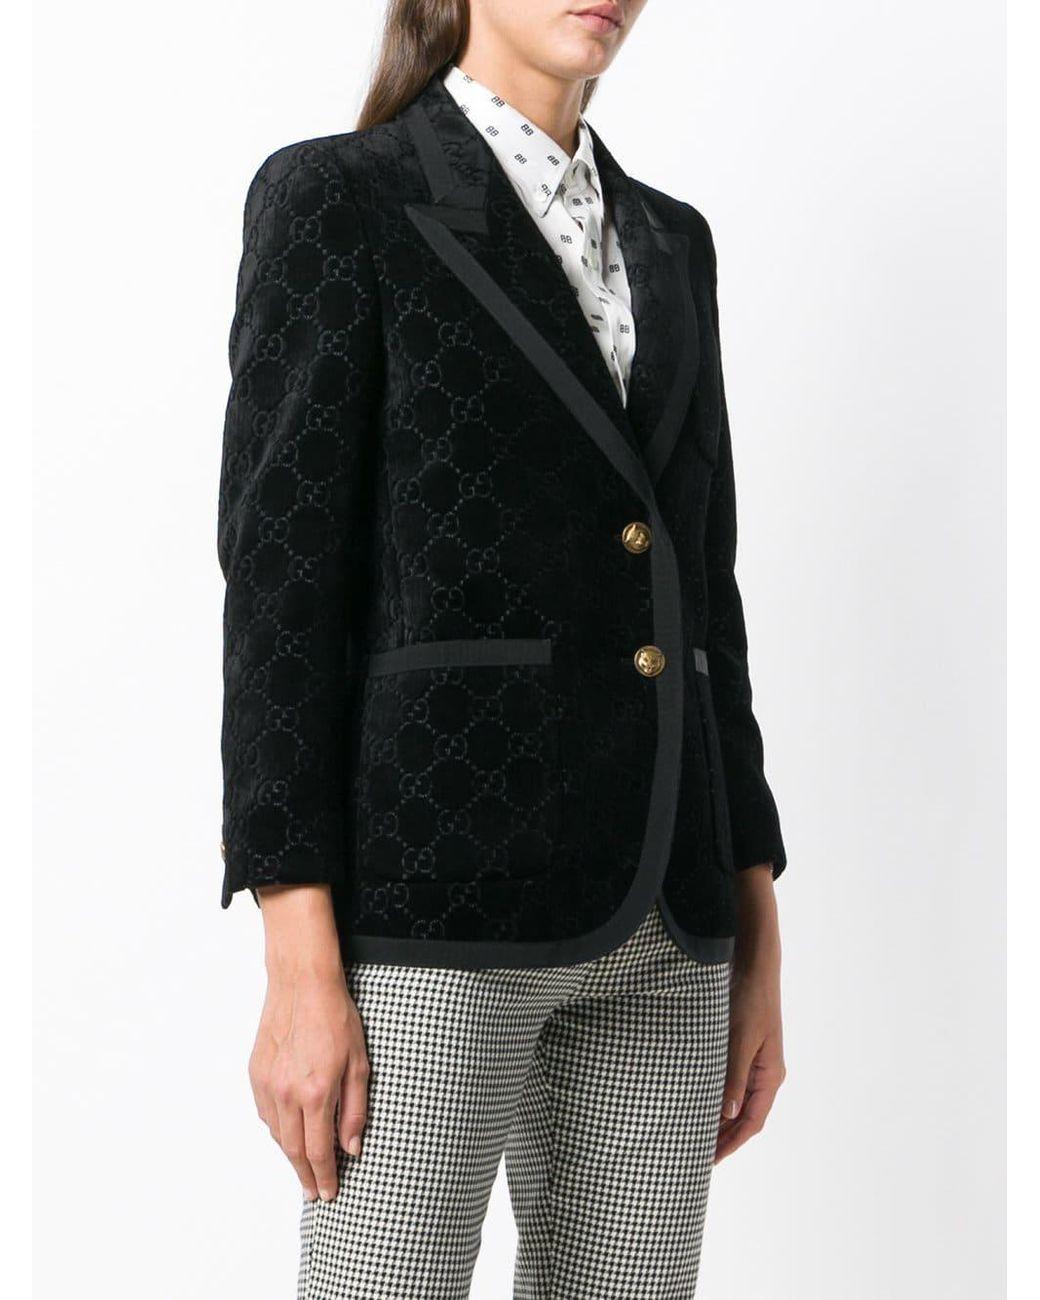 e9c038e8e Gucci GG Supreme Dinner Jacket in Black - Lyst